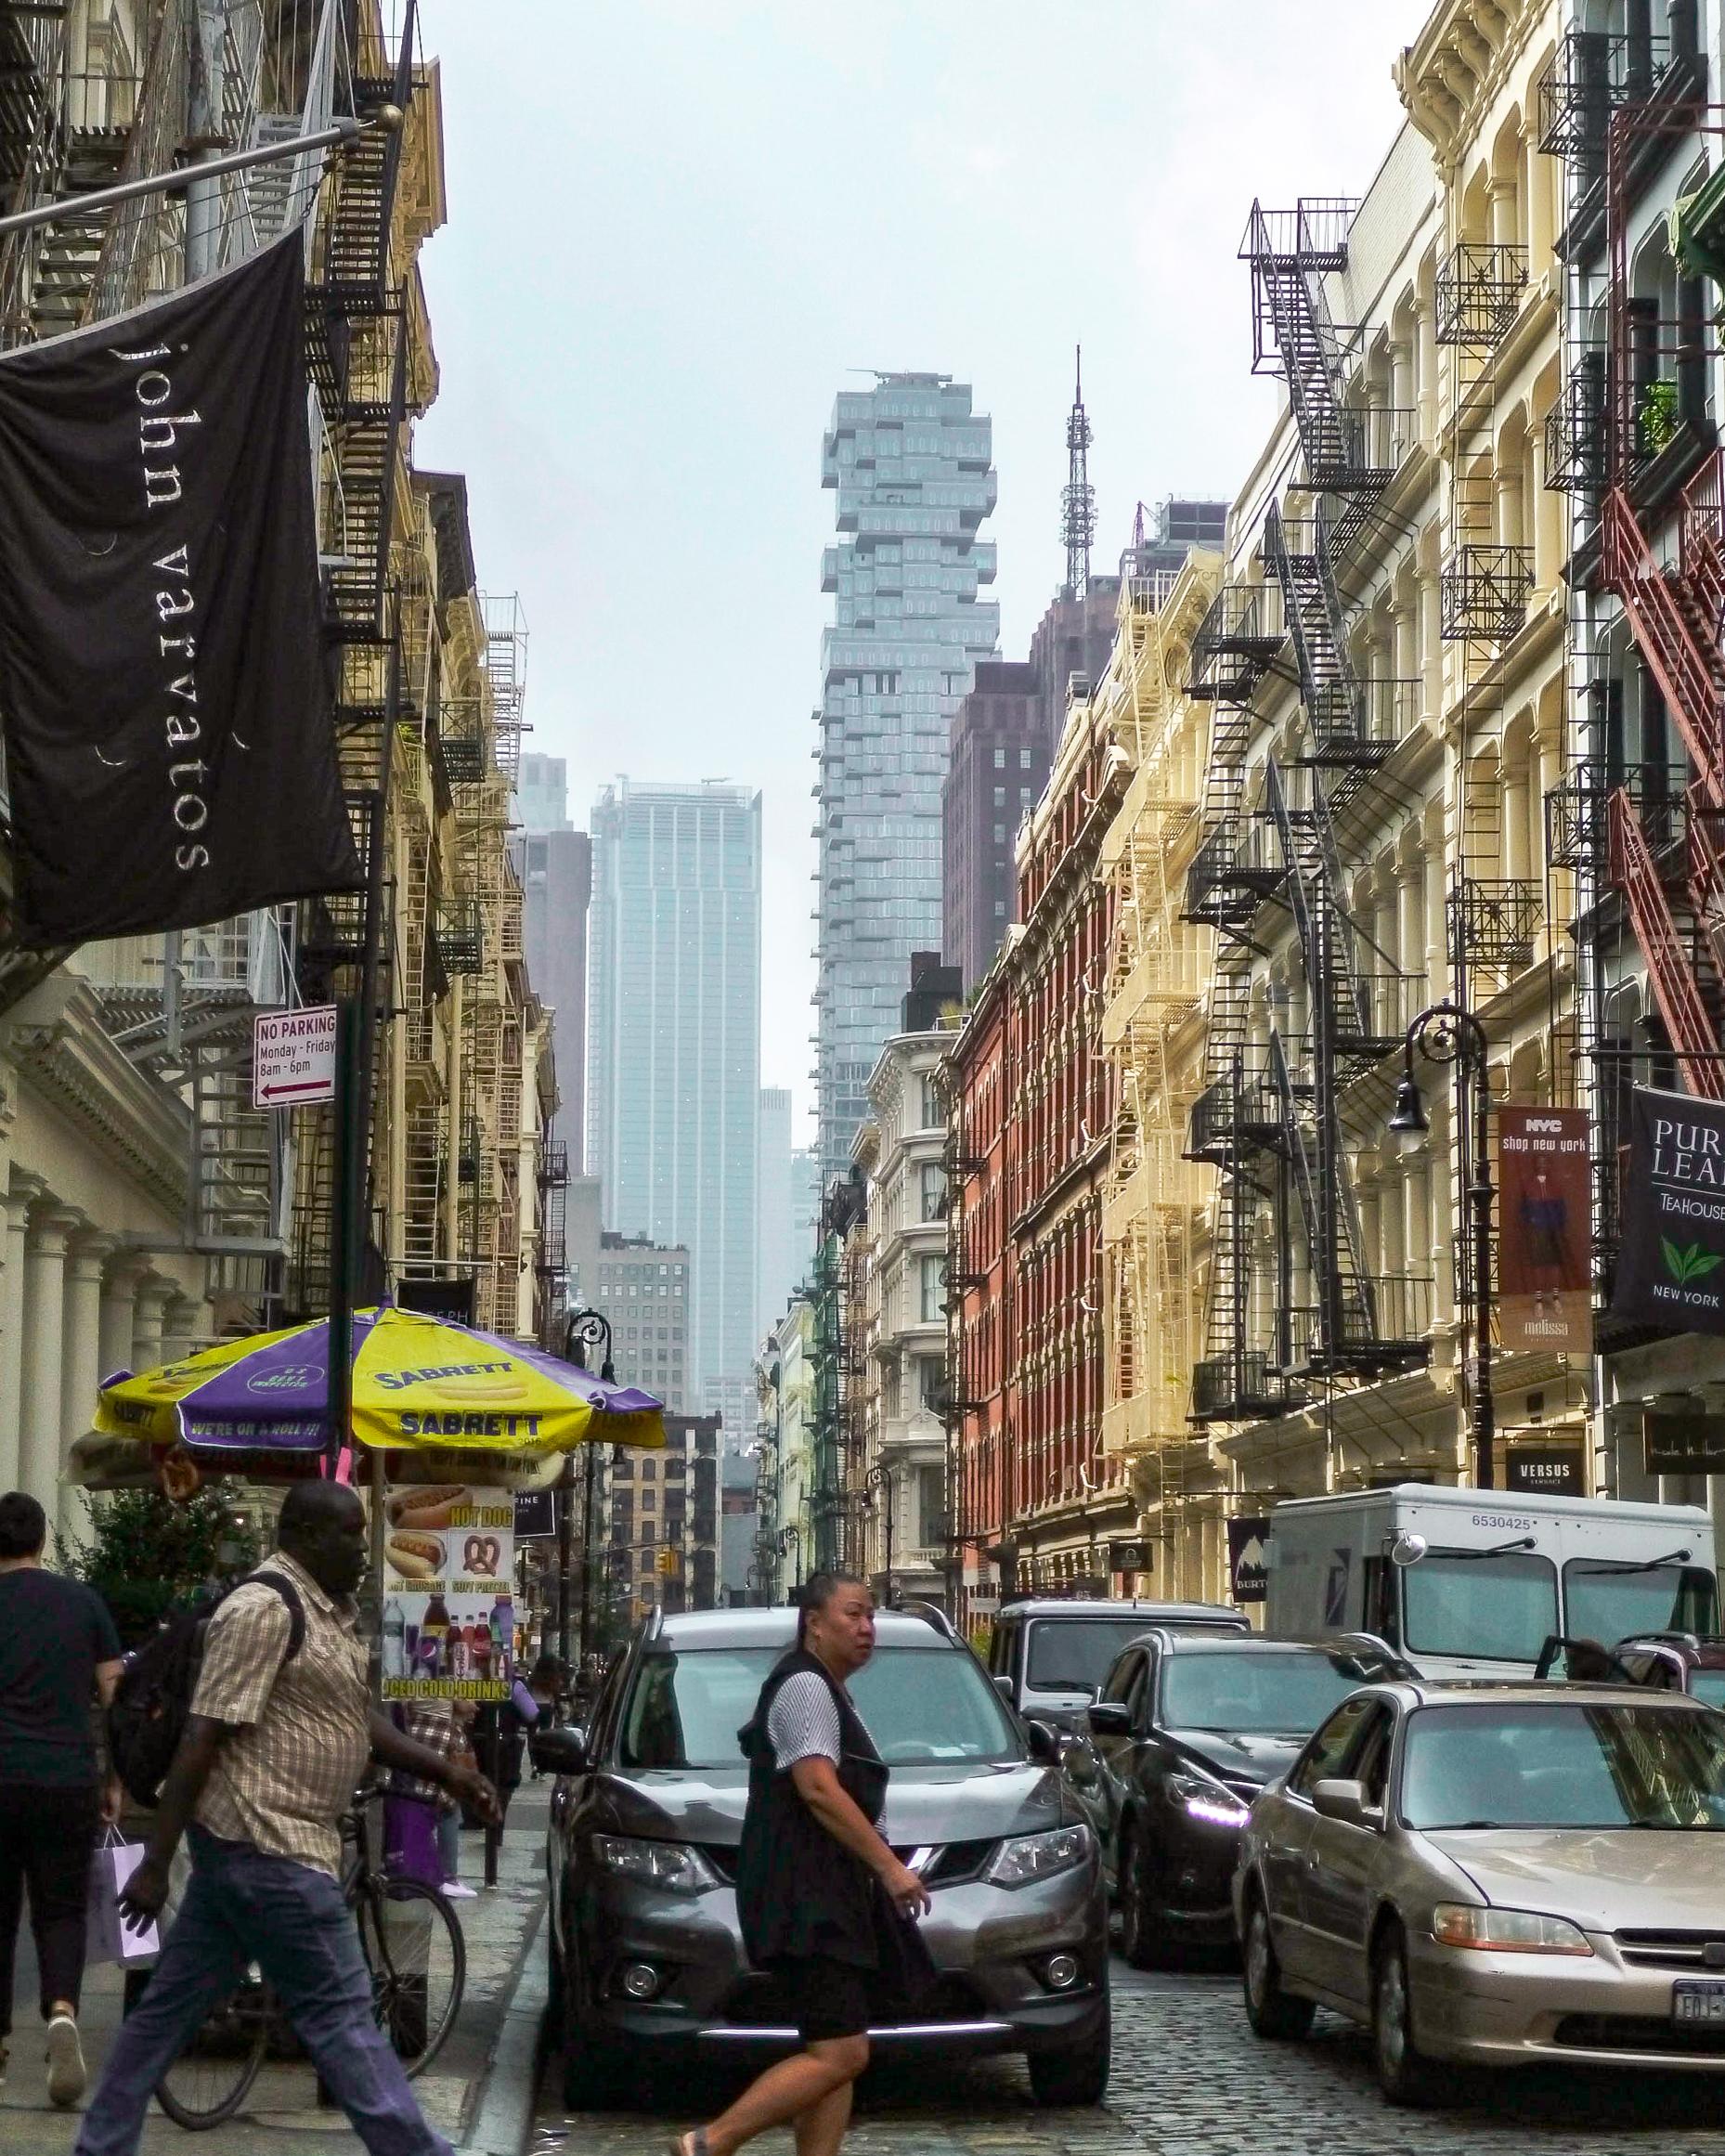 balade dans les rues de Manhattan